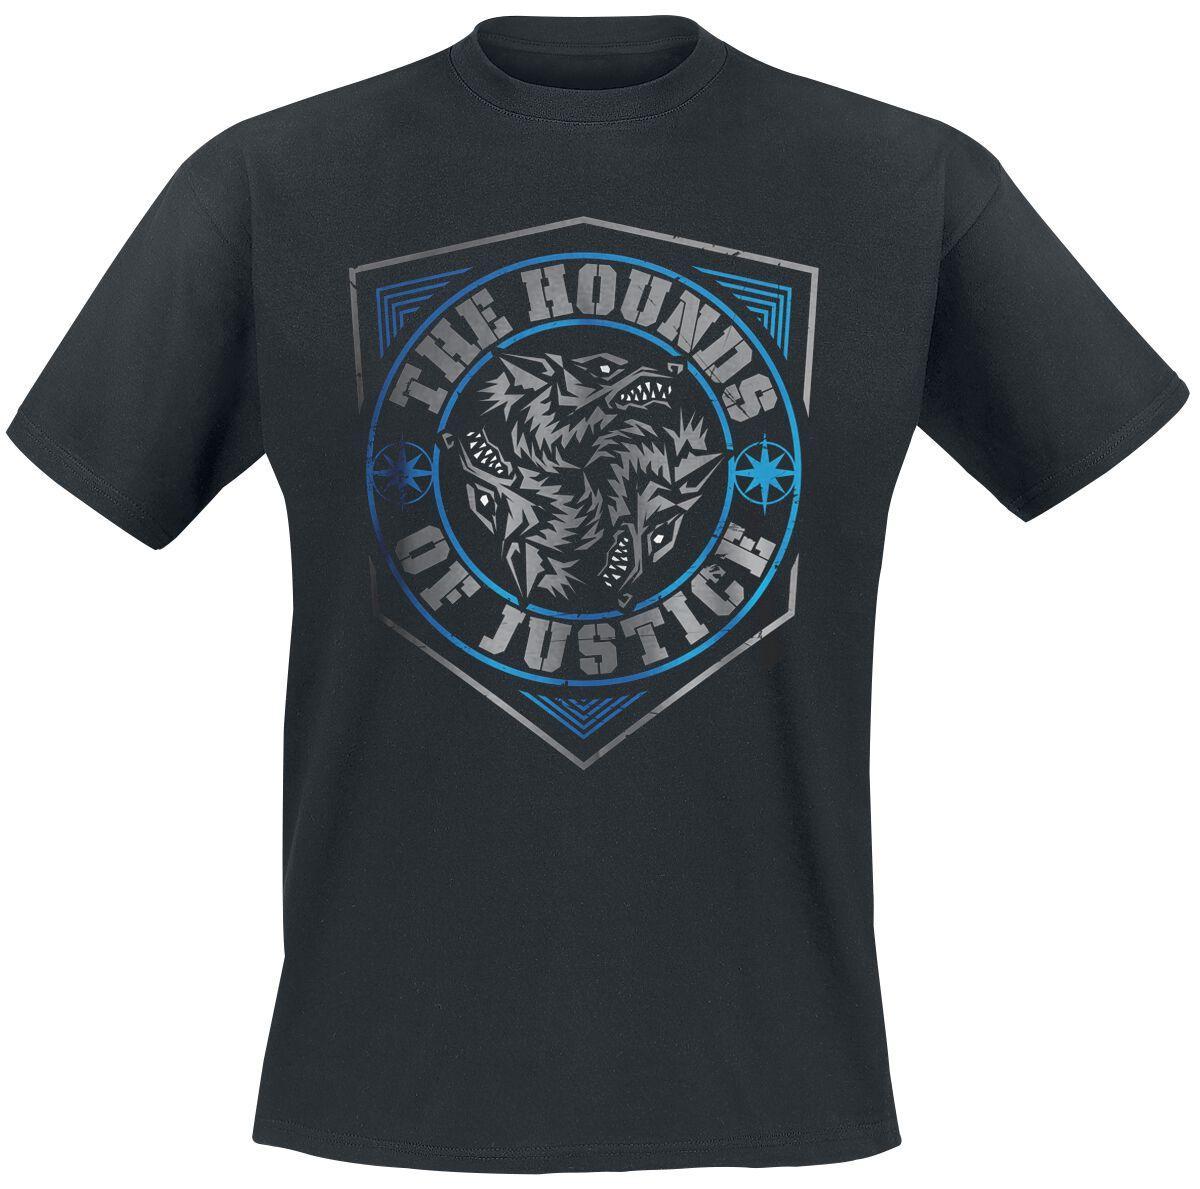 Merch dla Fanów - Koszulki - T-Shirt WWE The Shield - The Hounds Of Justice T-Shirt czarny - 376795